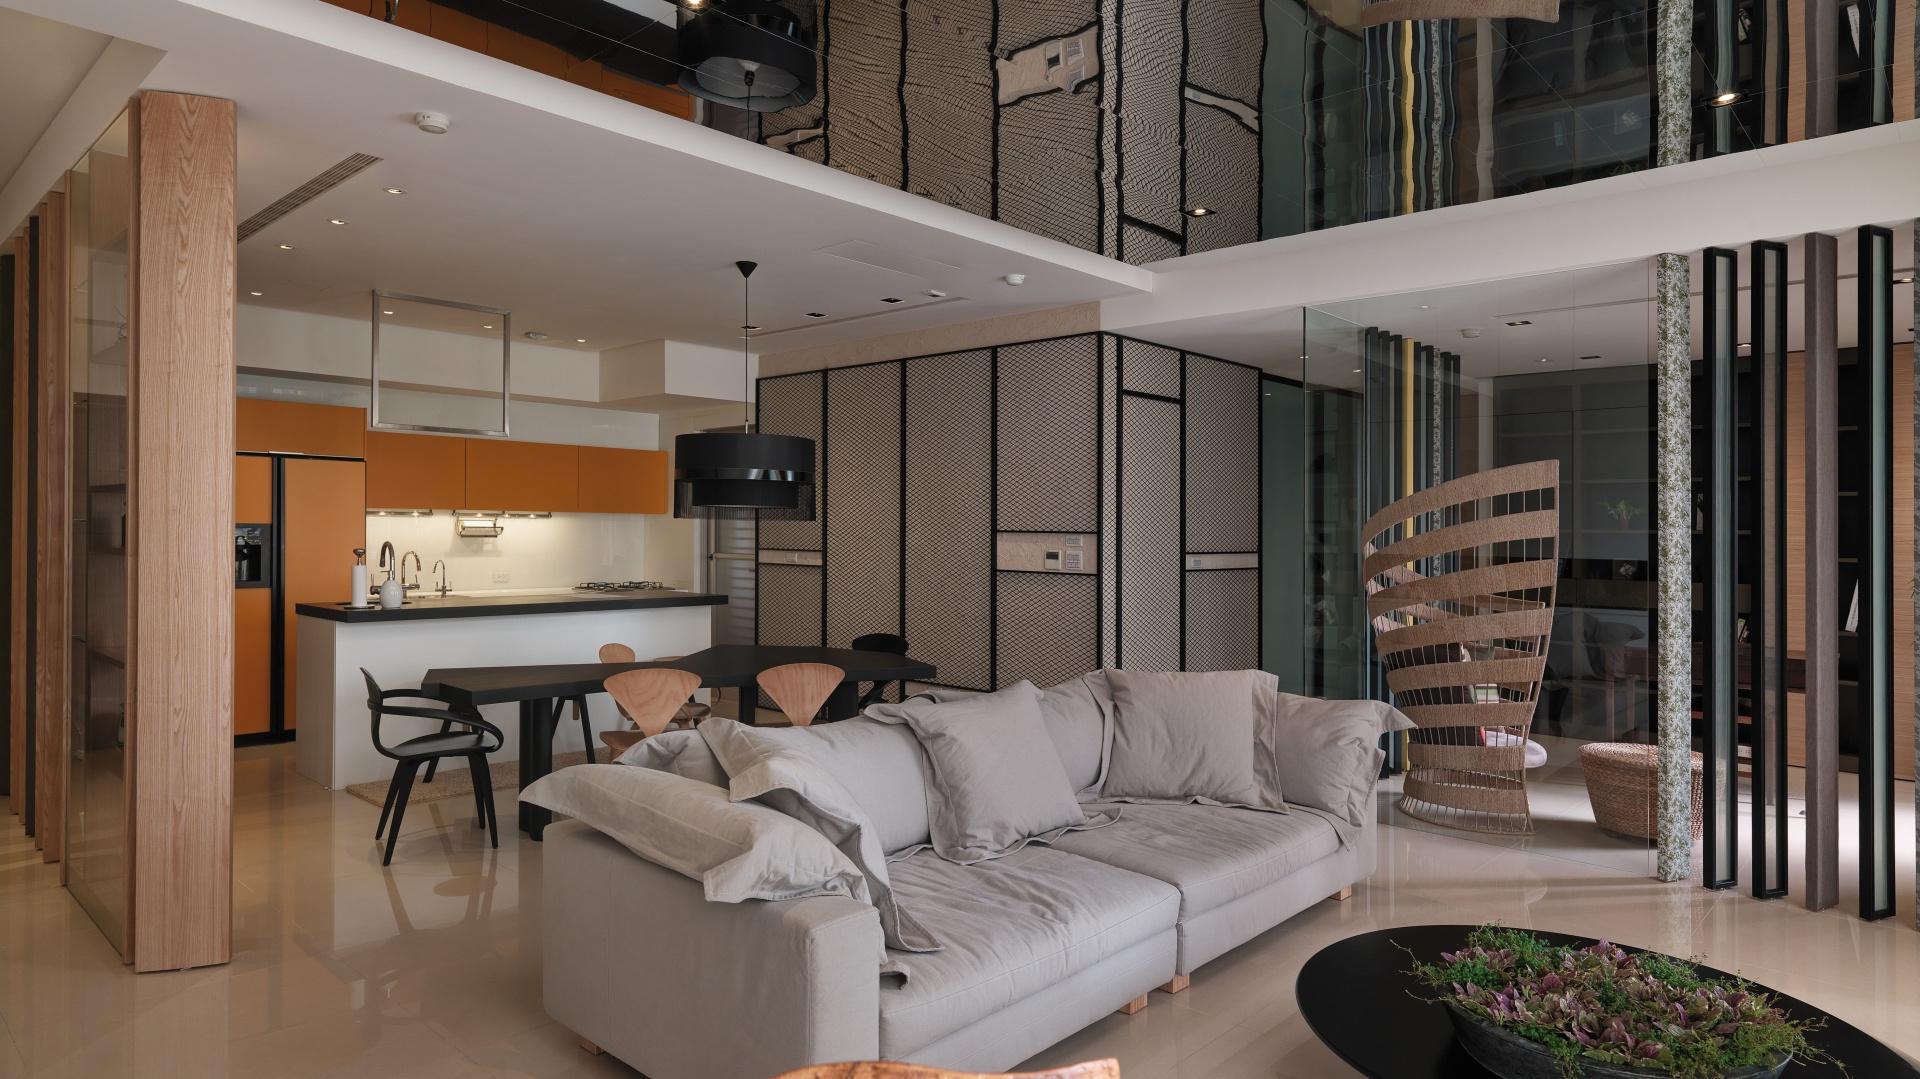 Nowoczesny Dom Pomysł Na Piękne Wnętrze